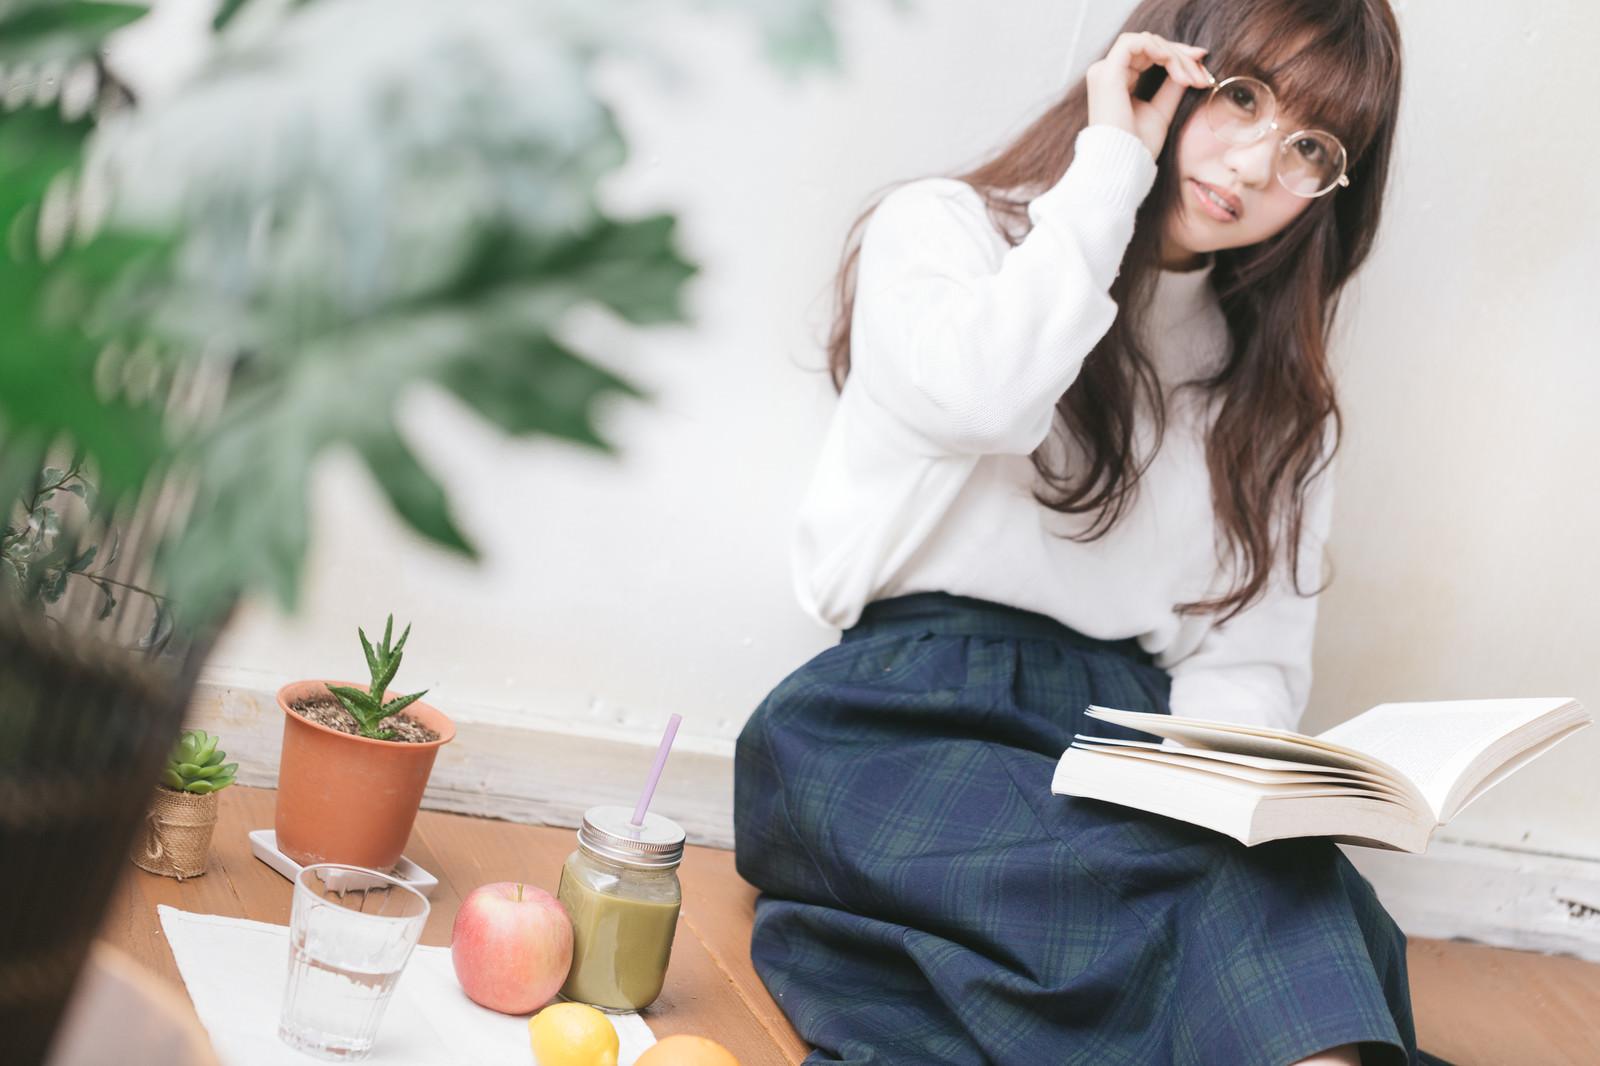 「読書しながらグリーンスムージーを側に置く女性」の写真[モデル:河村友歌]